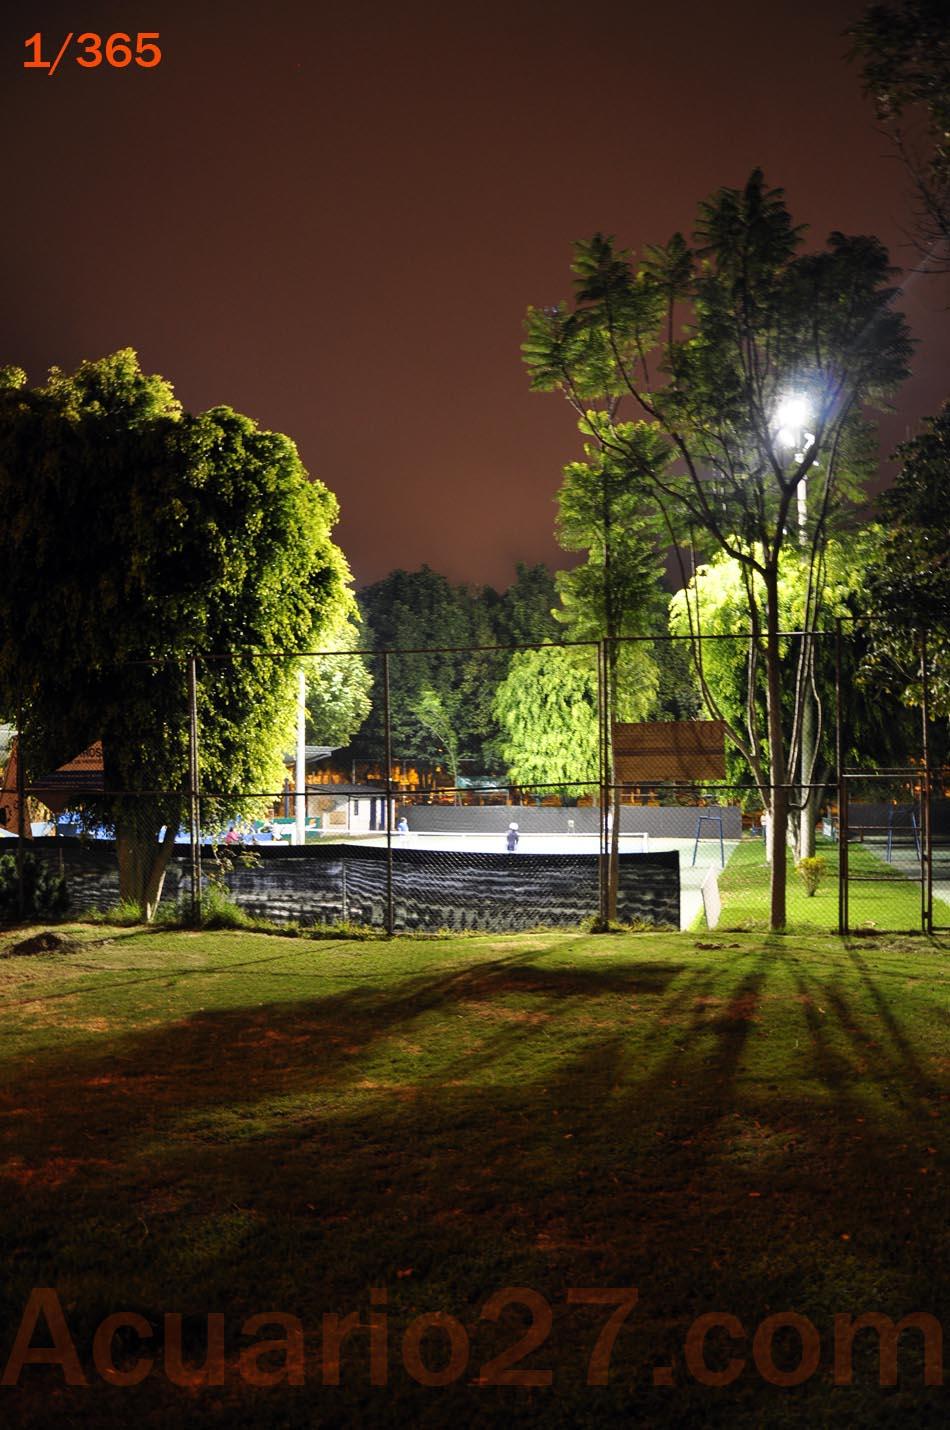 Foto:1/365 Sombras y luz